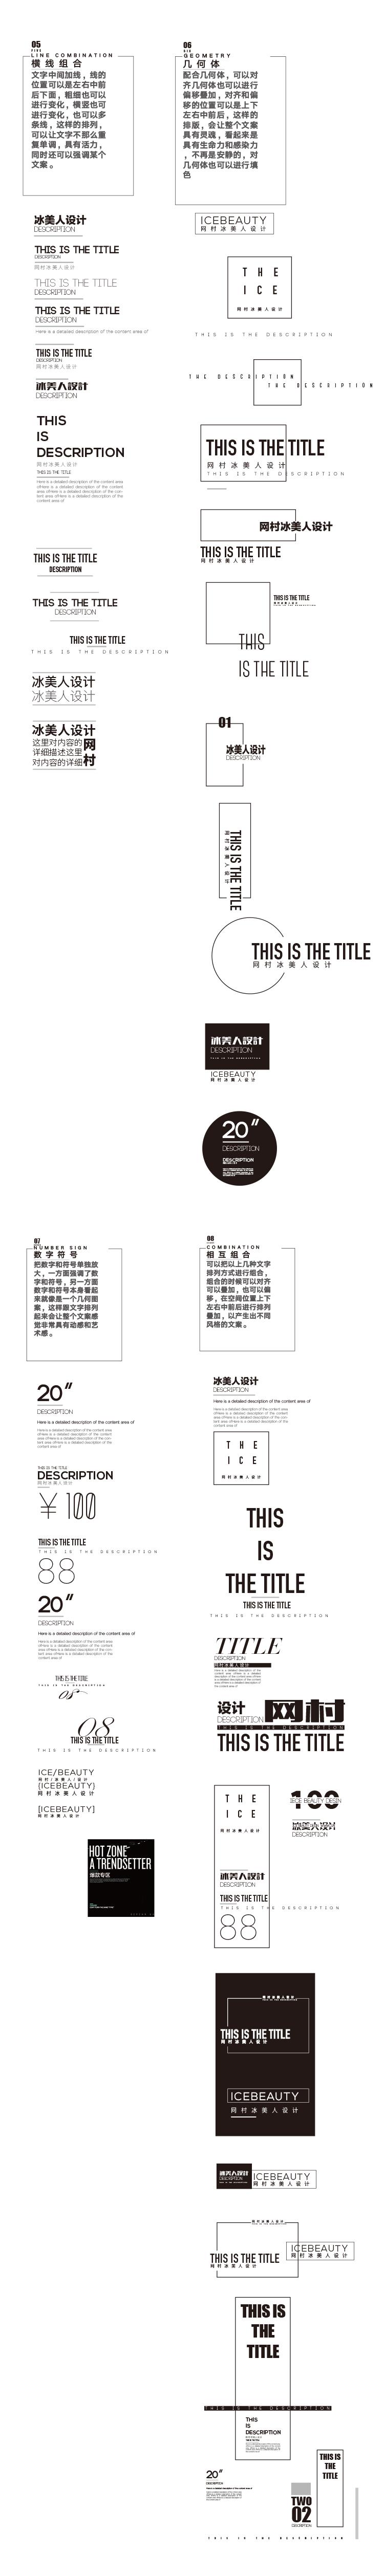 查看《大气 高逼格设计技法》原图,原图尺寸:750x5034